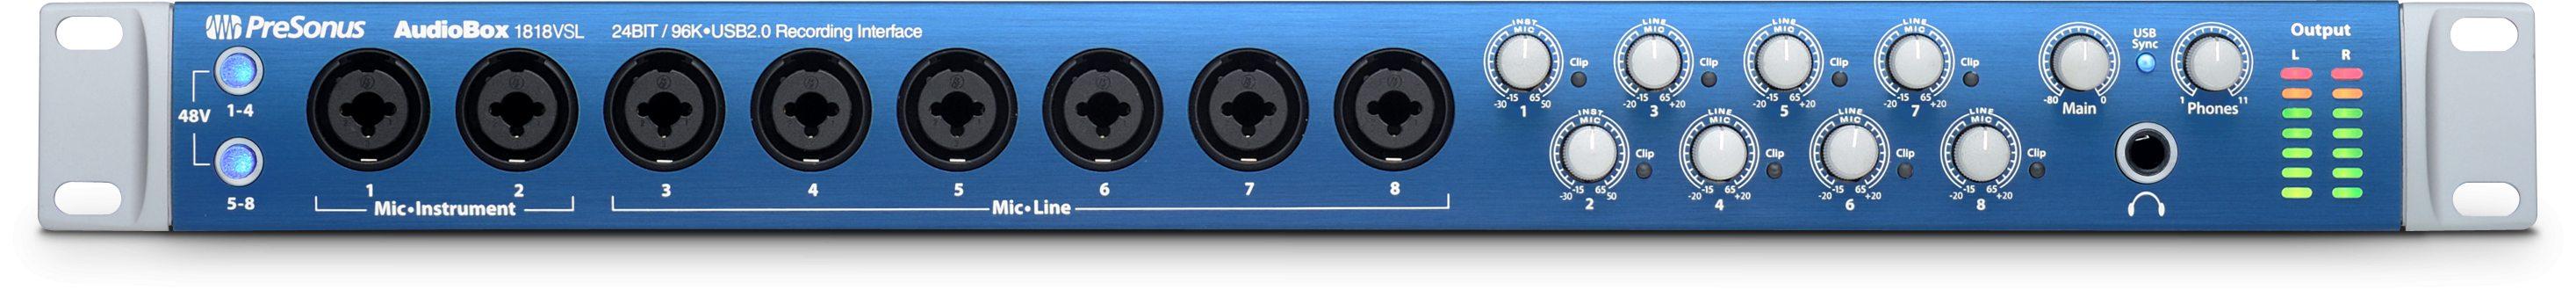 Refurbished - AudioBox 1818VSL | PreSonus Shop